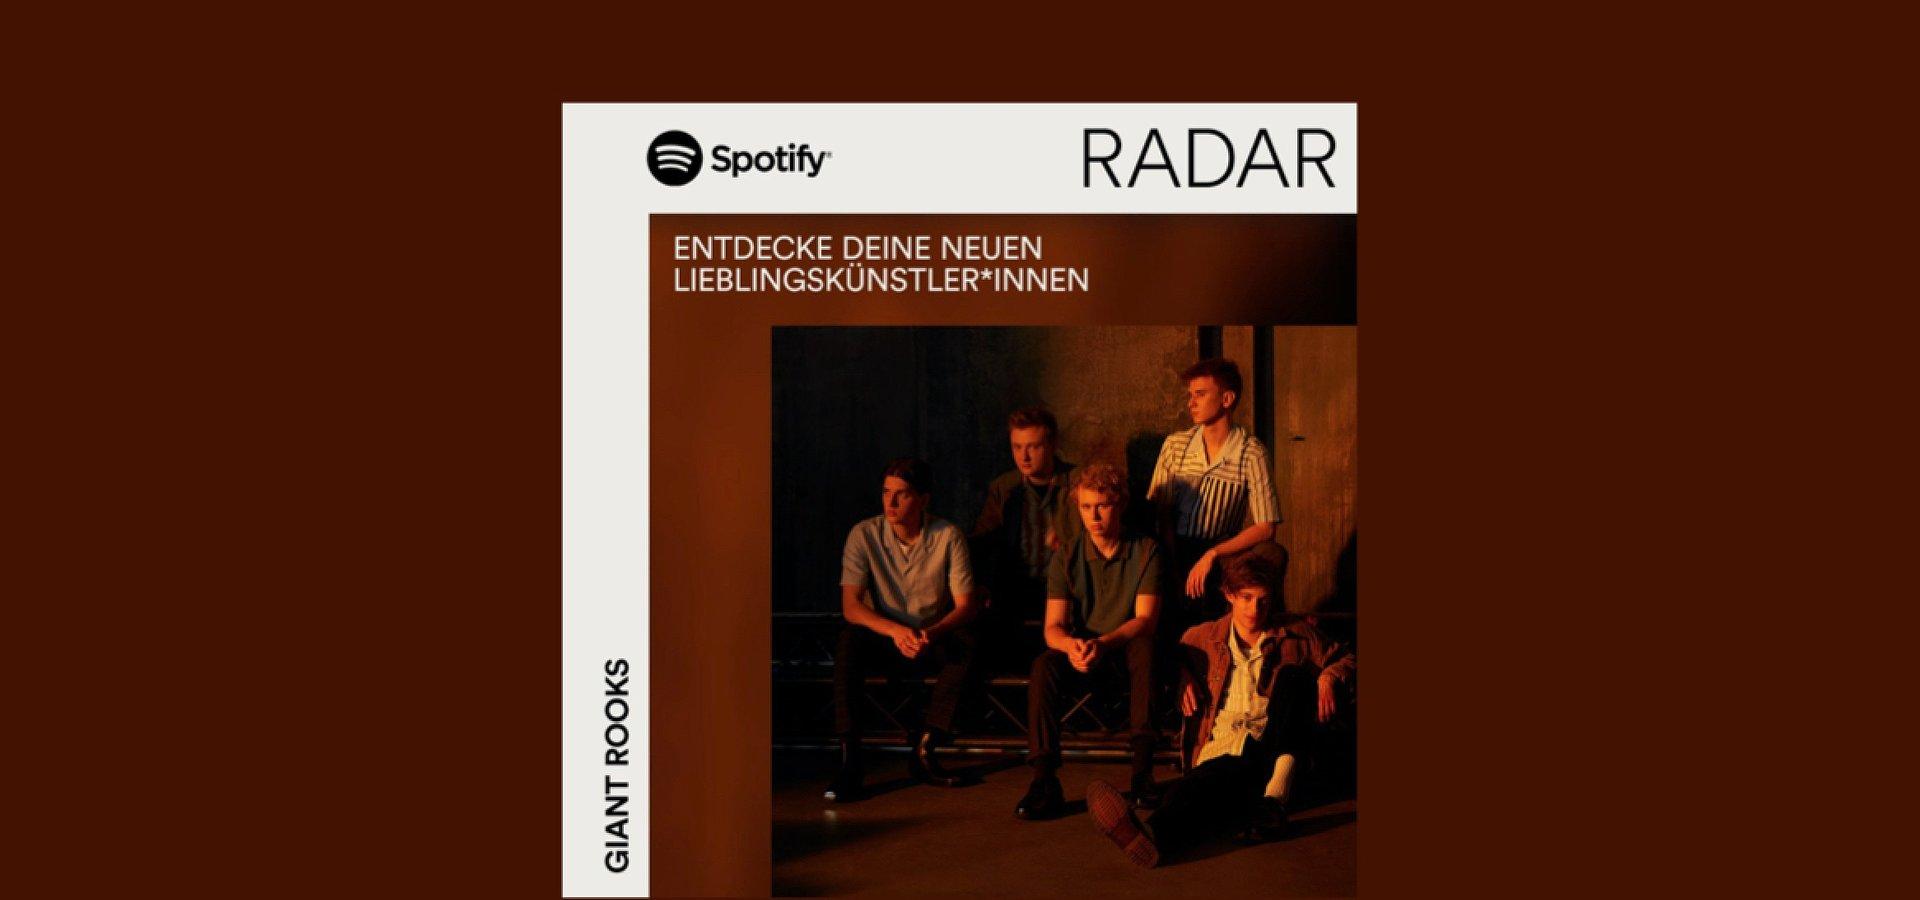 Spotify startet eigenen Hub für internationales RADAR Programm und zeigt jetzt auch virtuelle Events an